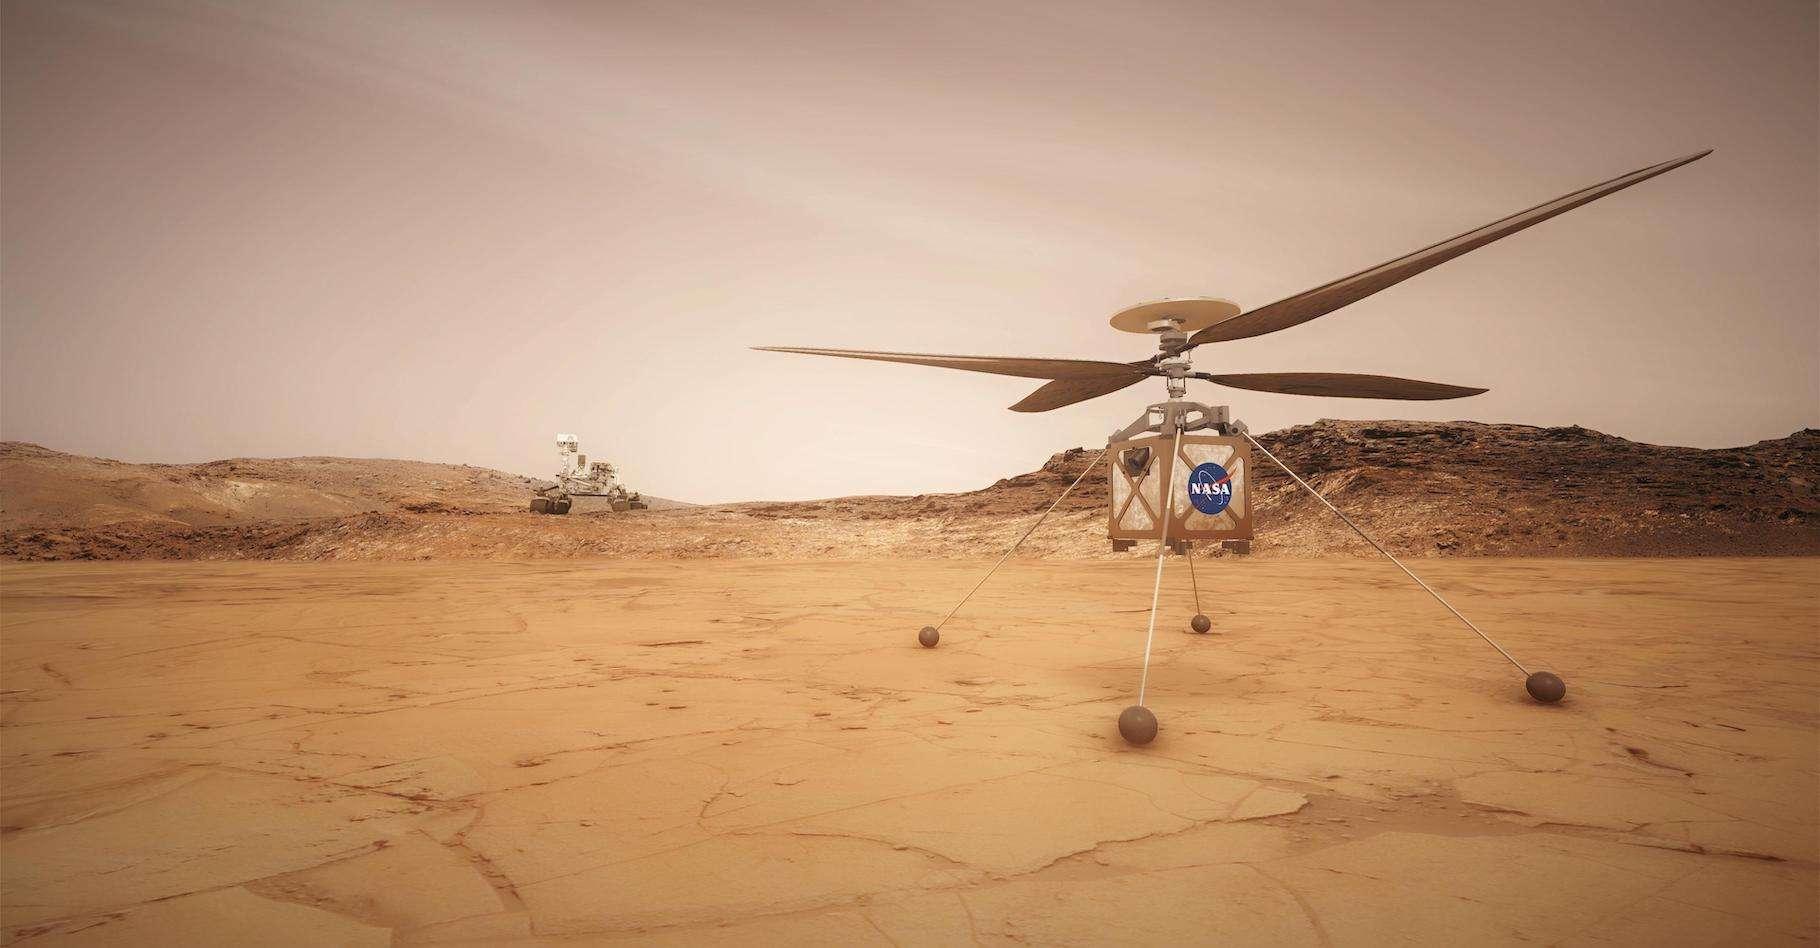 Ingenuity est une technologie de démonstration qui vise à montrer la faisabilité d'un vol sur une autre planète que la Terre. © Nasa, JPL-Caltech